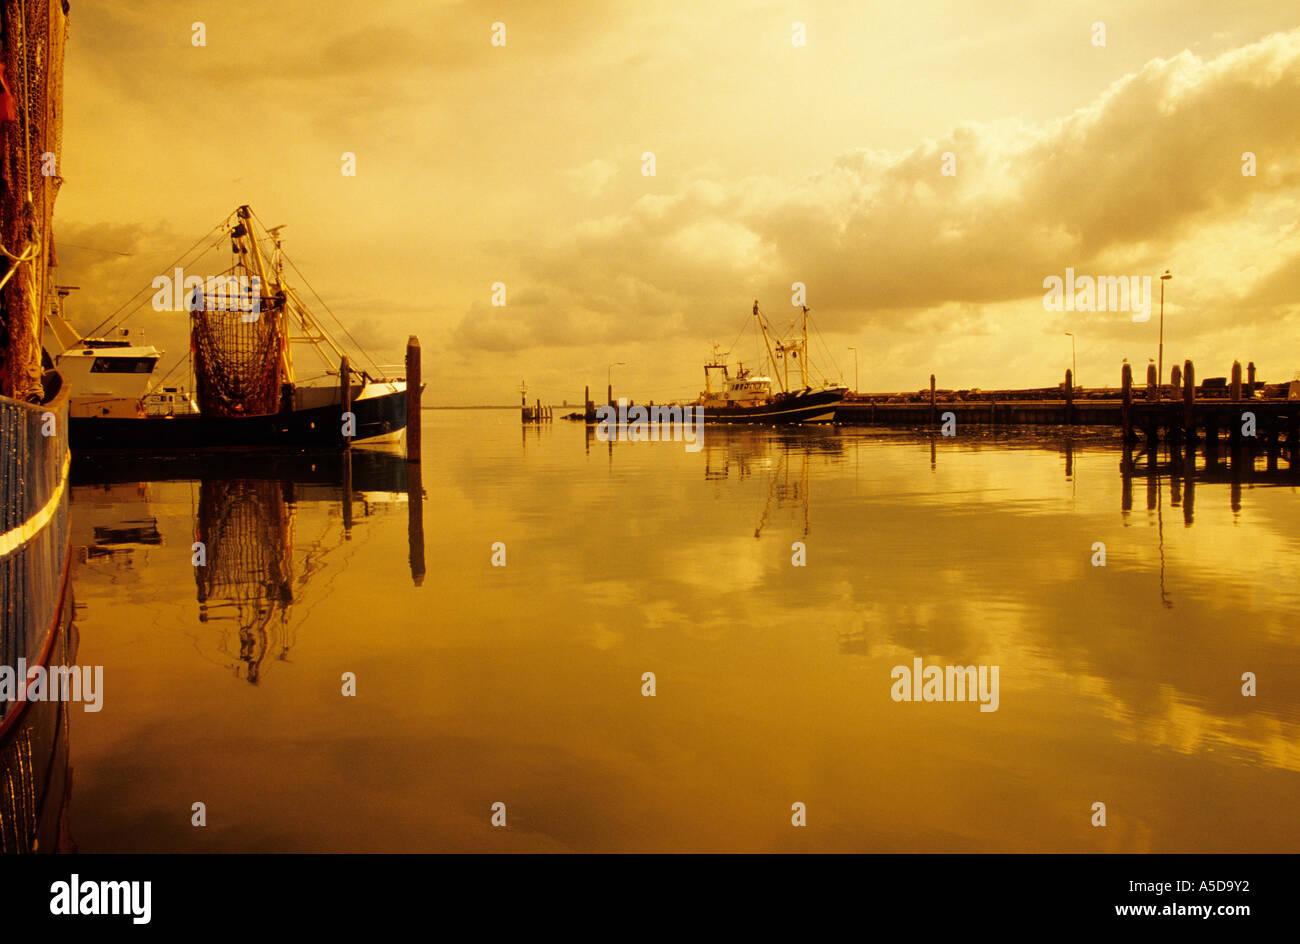 Harbour of Colijnplaat, Noord Beveland, Zeeland, Netherlands - Stock Image